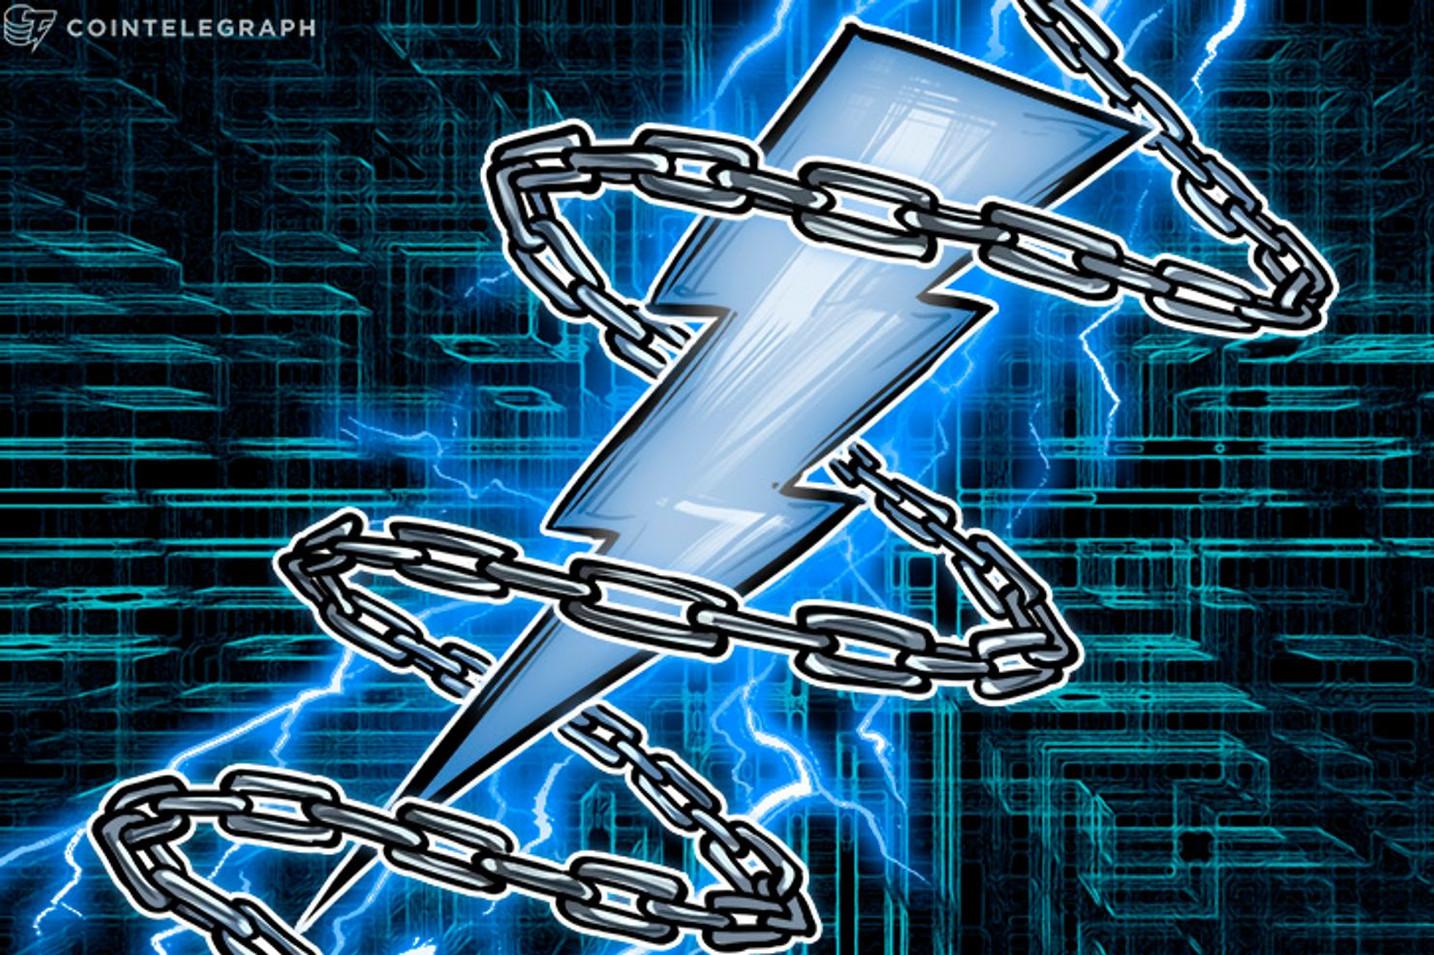 大手商社の丸紅 ブロックチェーンを用いた電力取引の実証実験開始 米LO3エナジー社と共同で